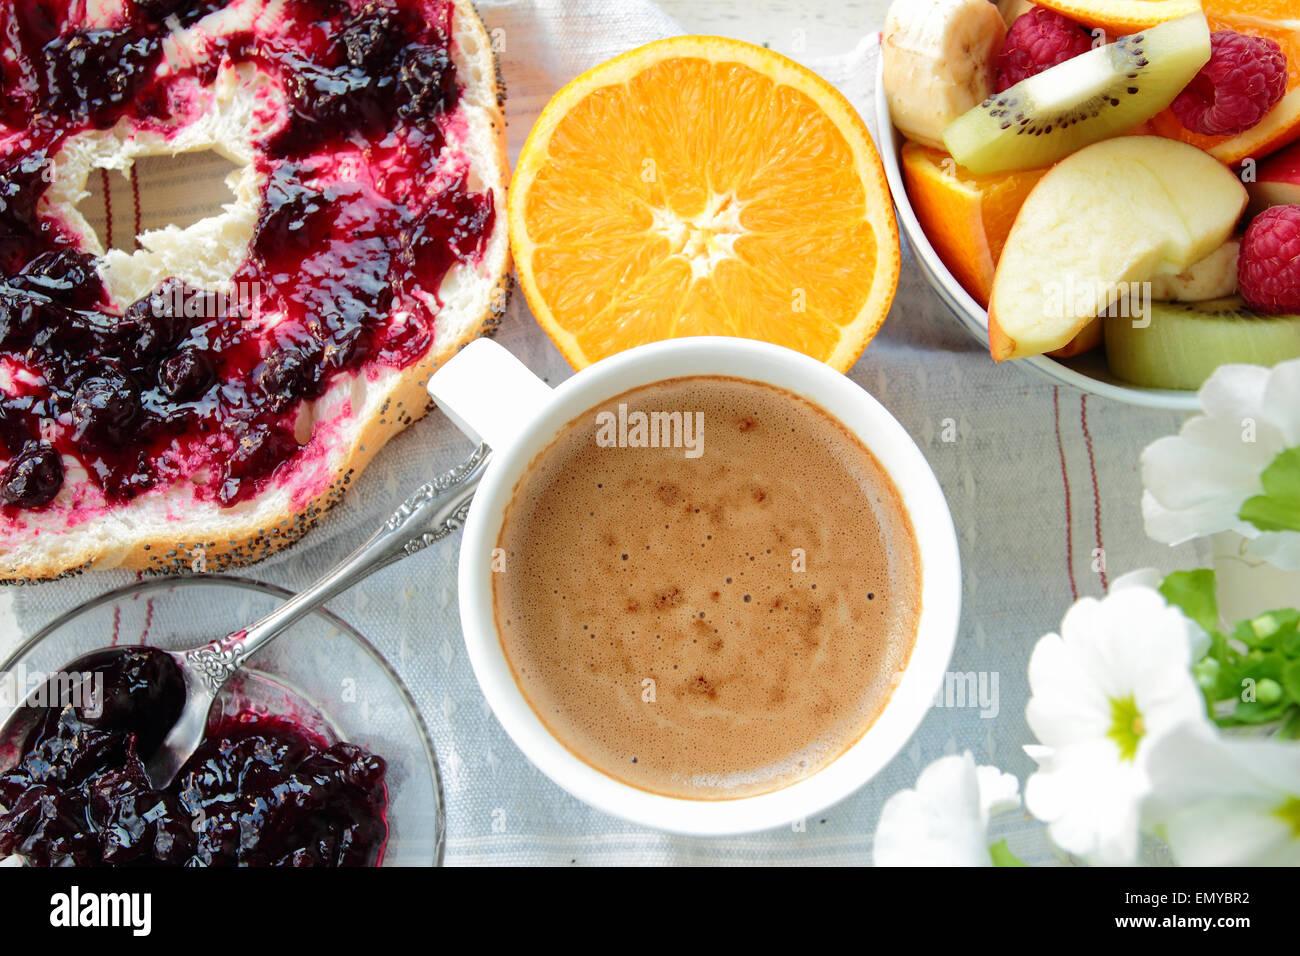 Le petit-déjeuner avec du pain avec de la confiture de cassis, de café et de fruits Photo Stock